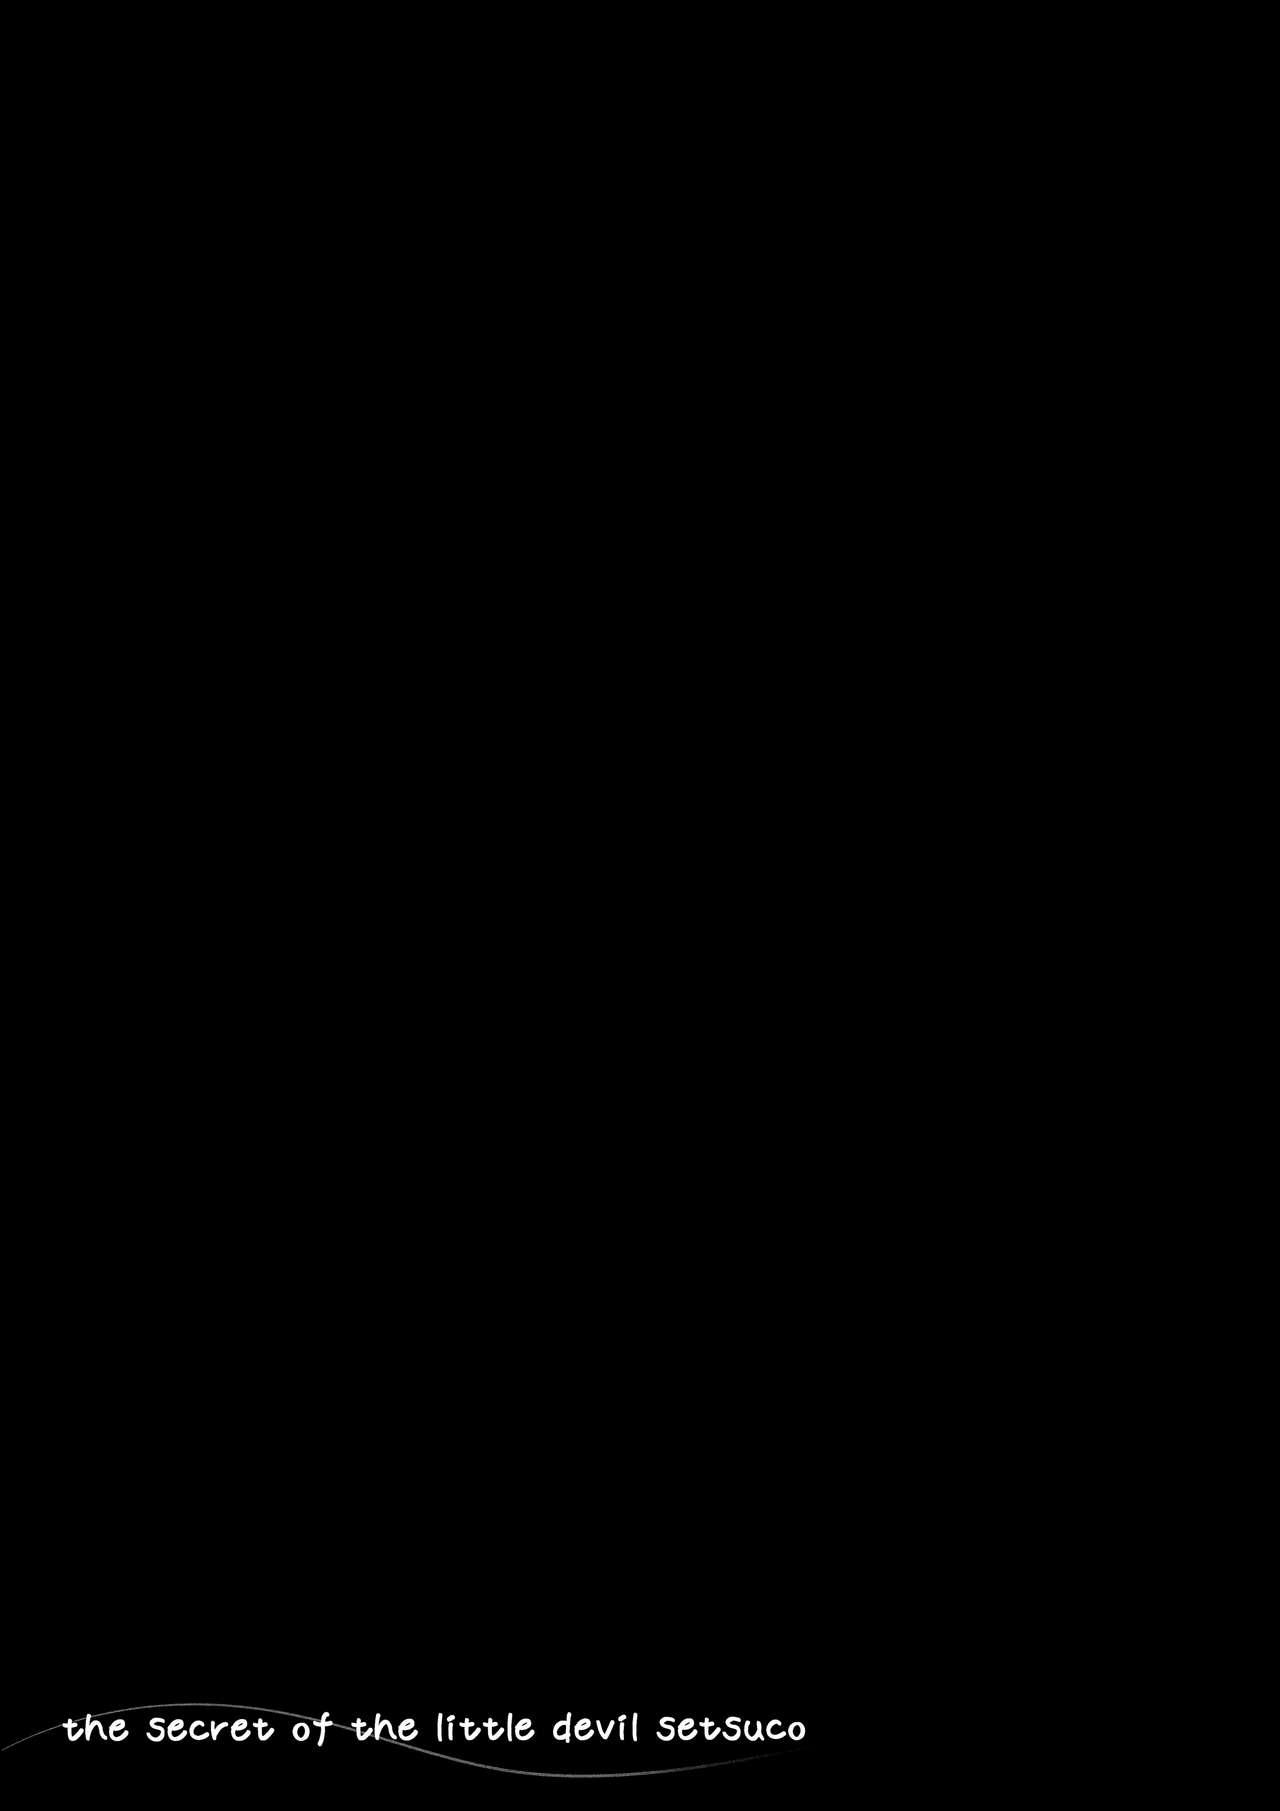 【エロ漫画】蕩けた表情を浮かべながら一心不乱にフェラチオして精液を搾り取るせつこwww 巨乳を曝け出してパイズリ奉仕で腰砕けにしちゃいます♪ すっかり発情しきったおま○こに肉棒をハメられて中出しセックスしちゃうよwww (24)